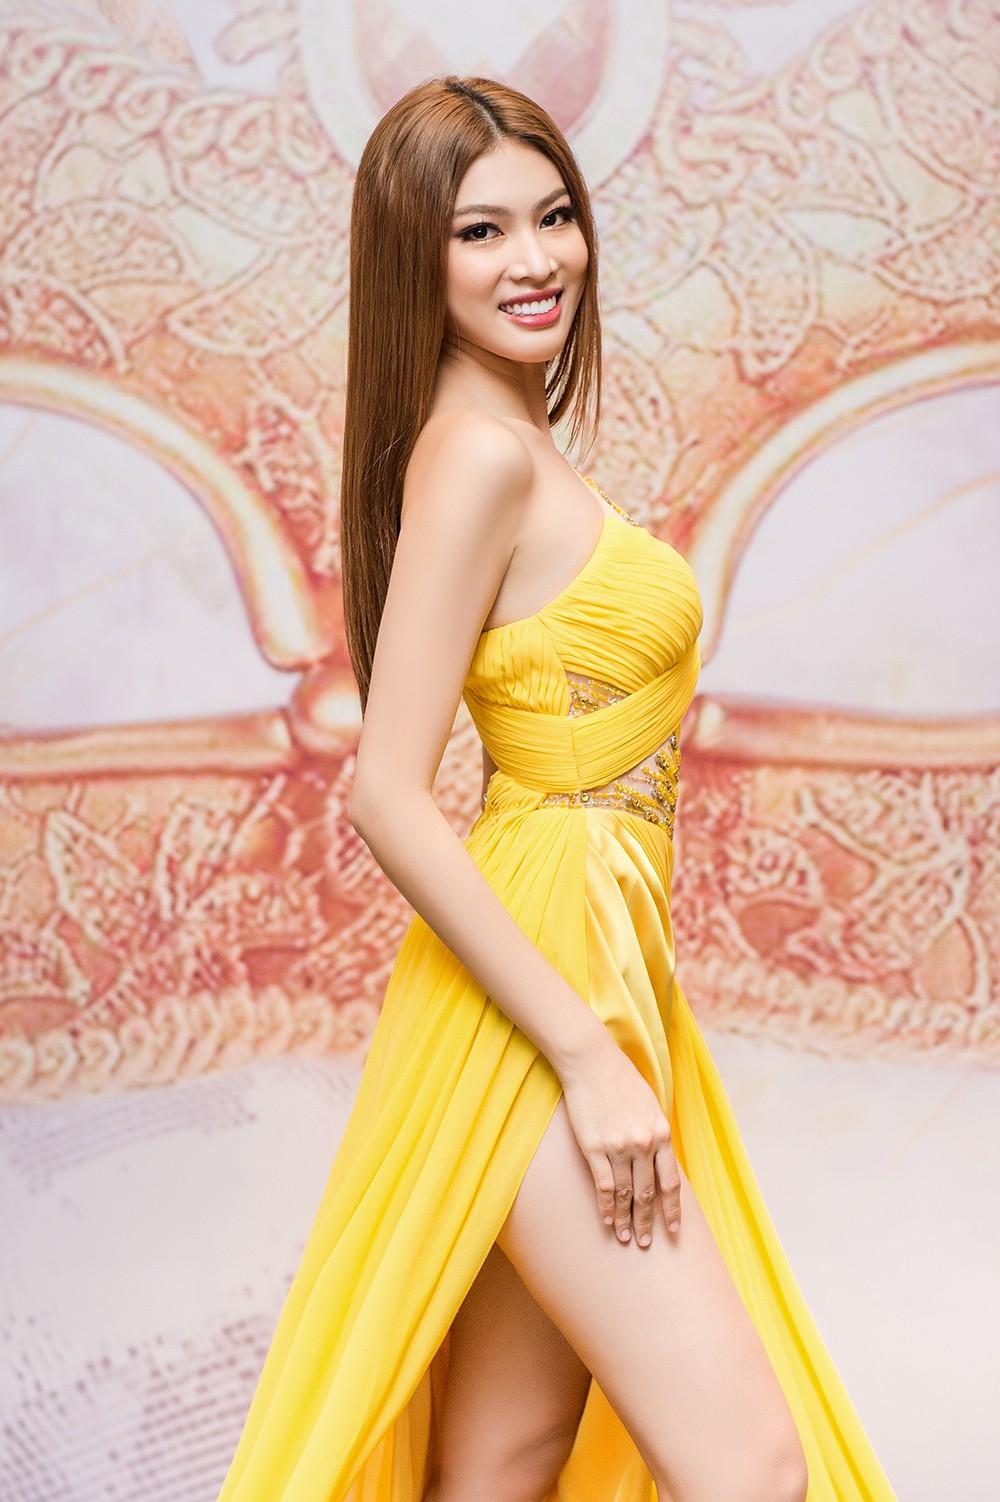 Á hậu Ngọc Thảo diện váy vàng rực khoe chân dài 1m11 cùng trình catwalk 'đỉnh cao' ảnh 2